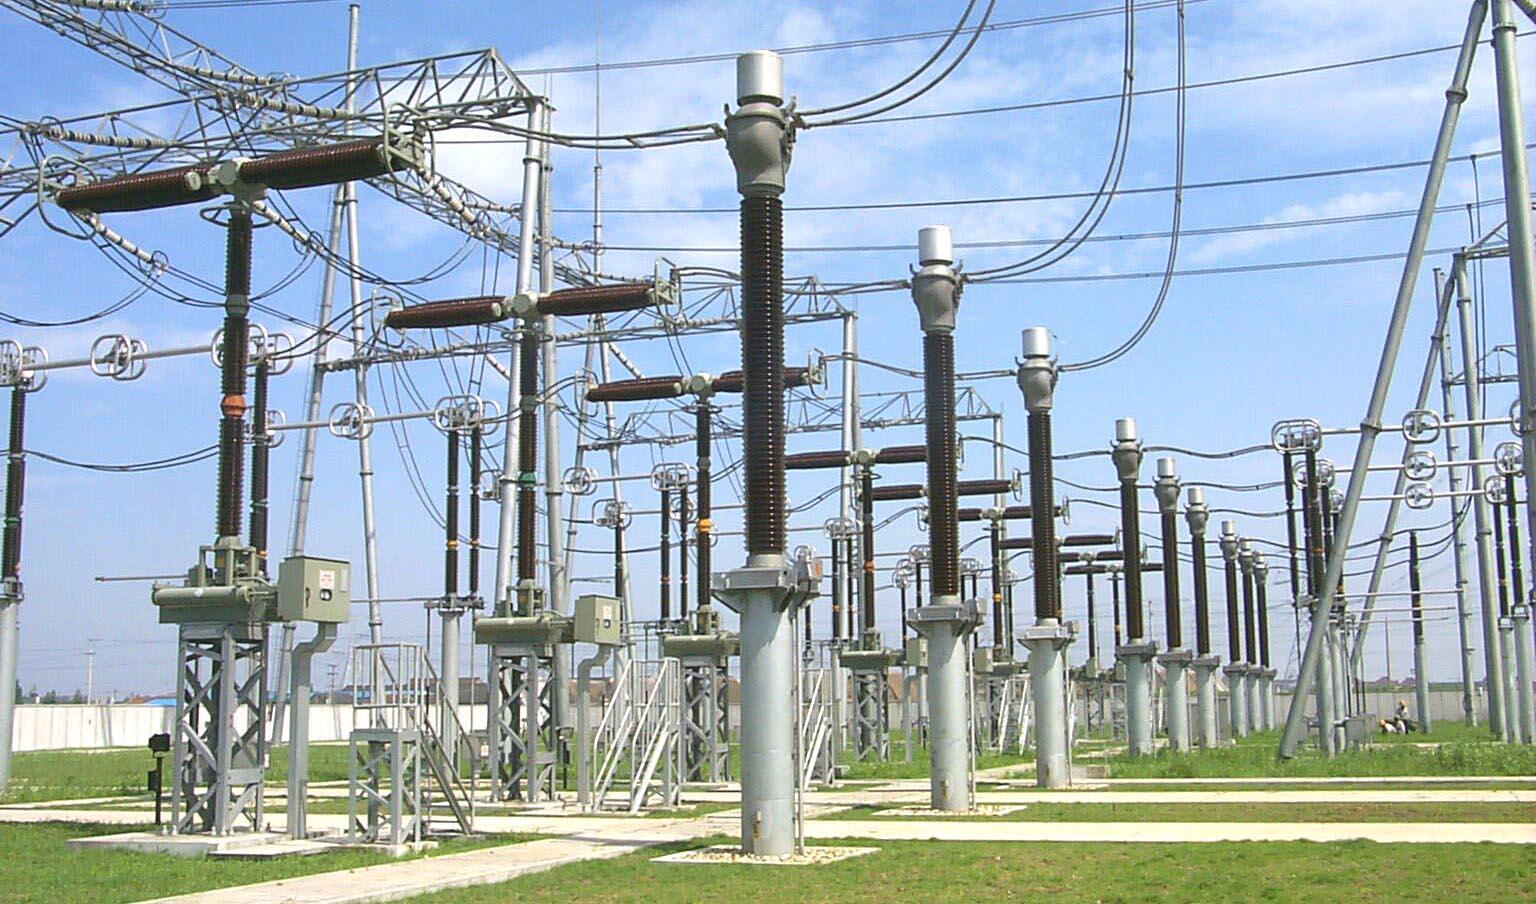 ناکامی صنعت برق ایران در عراق